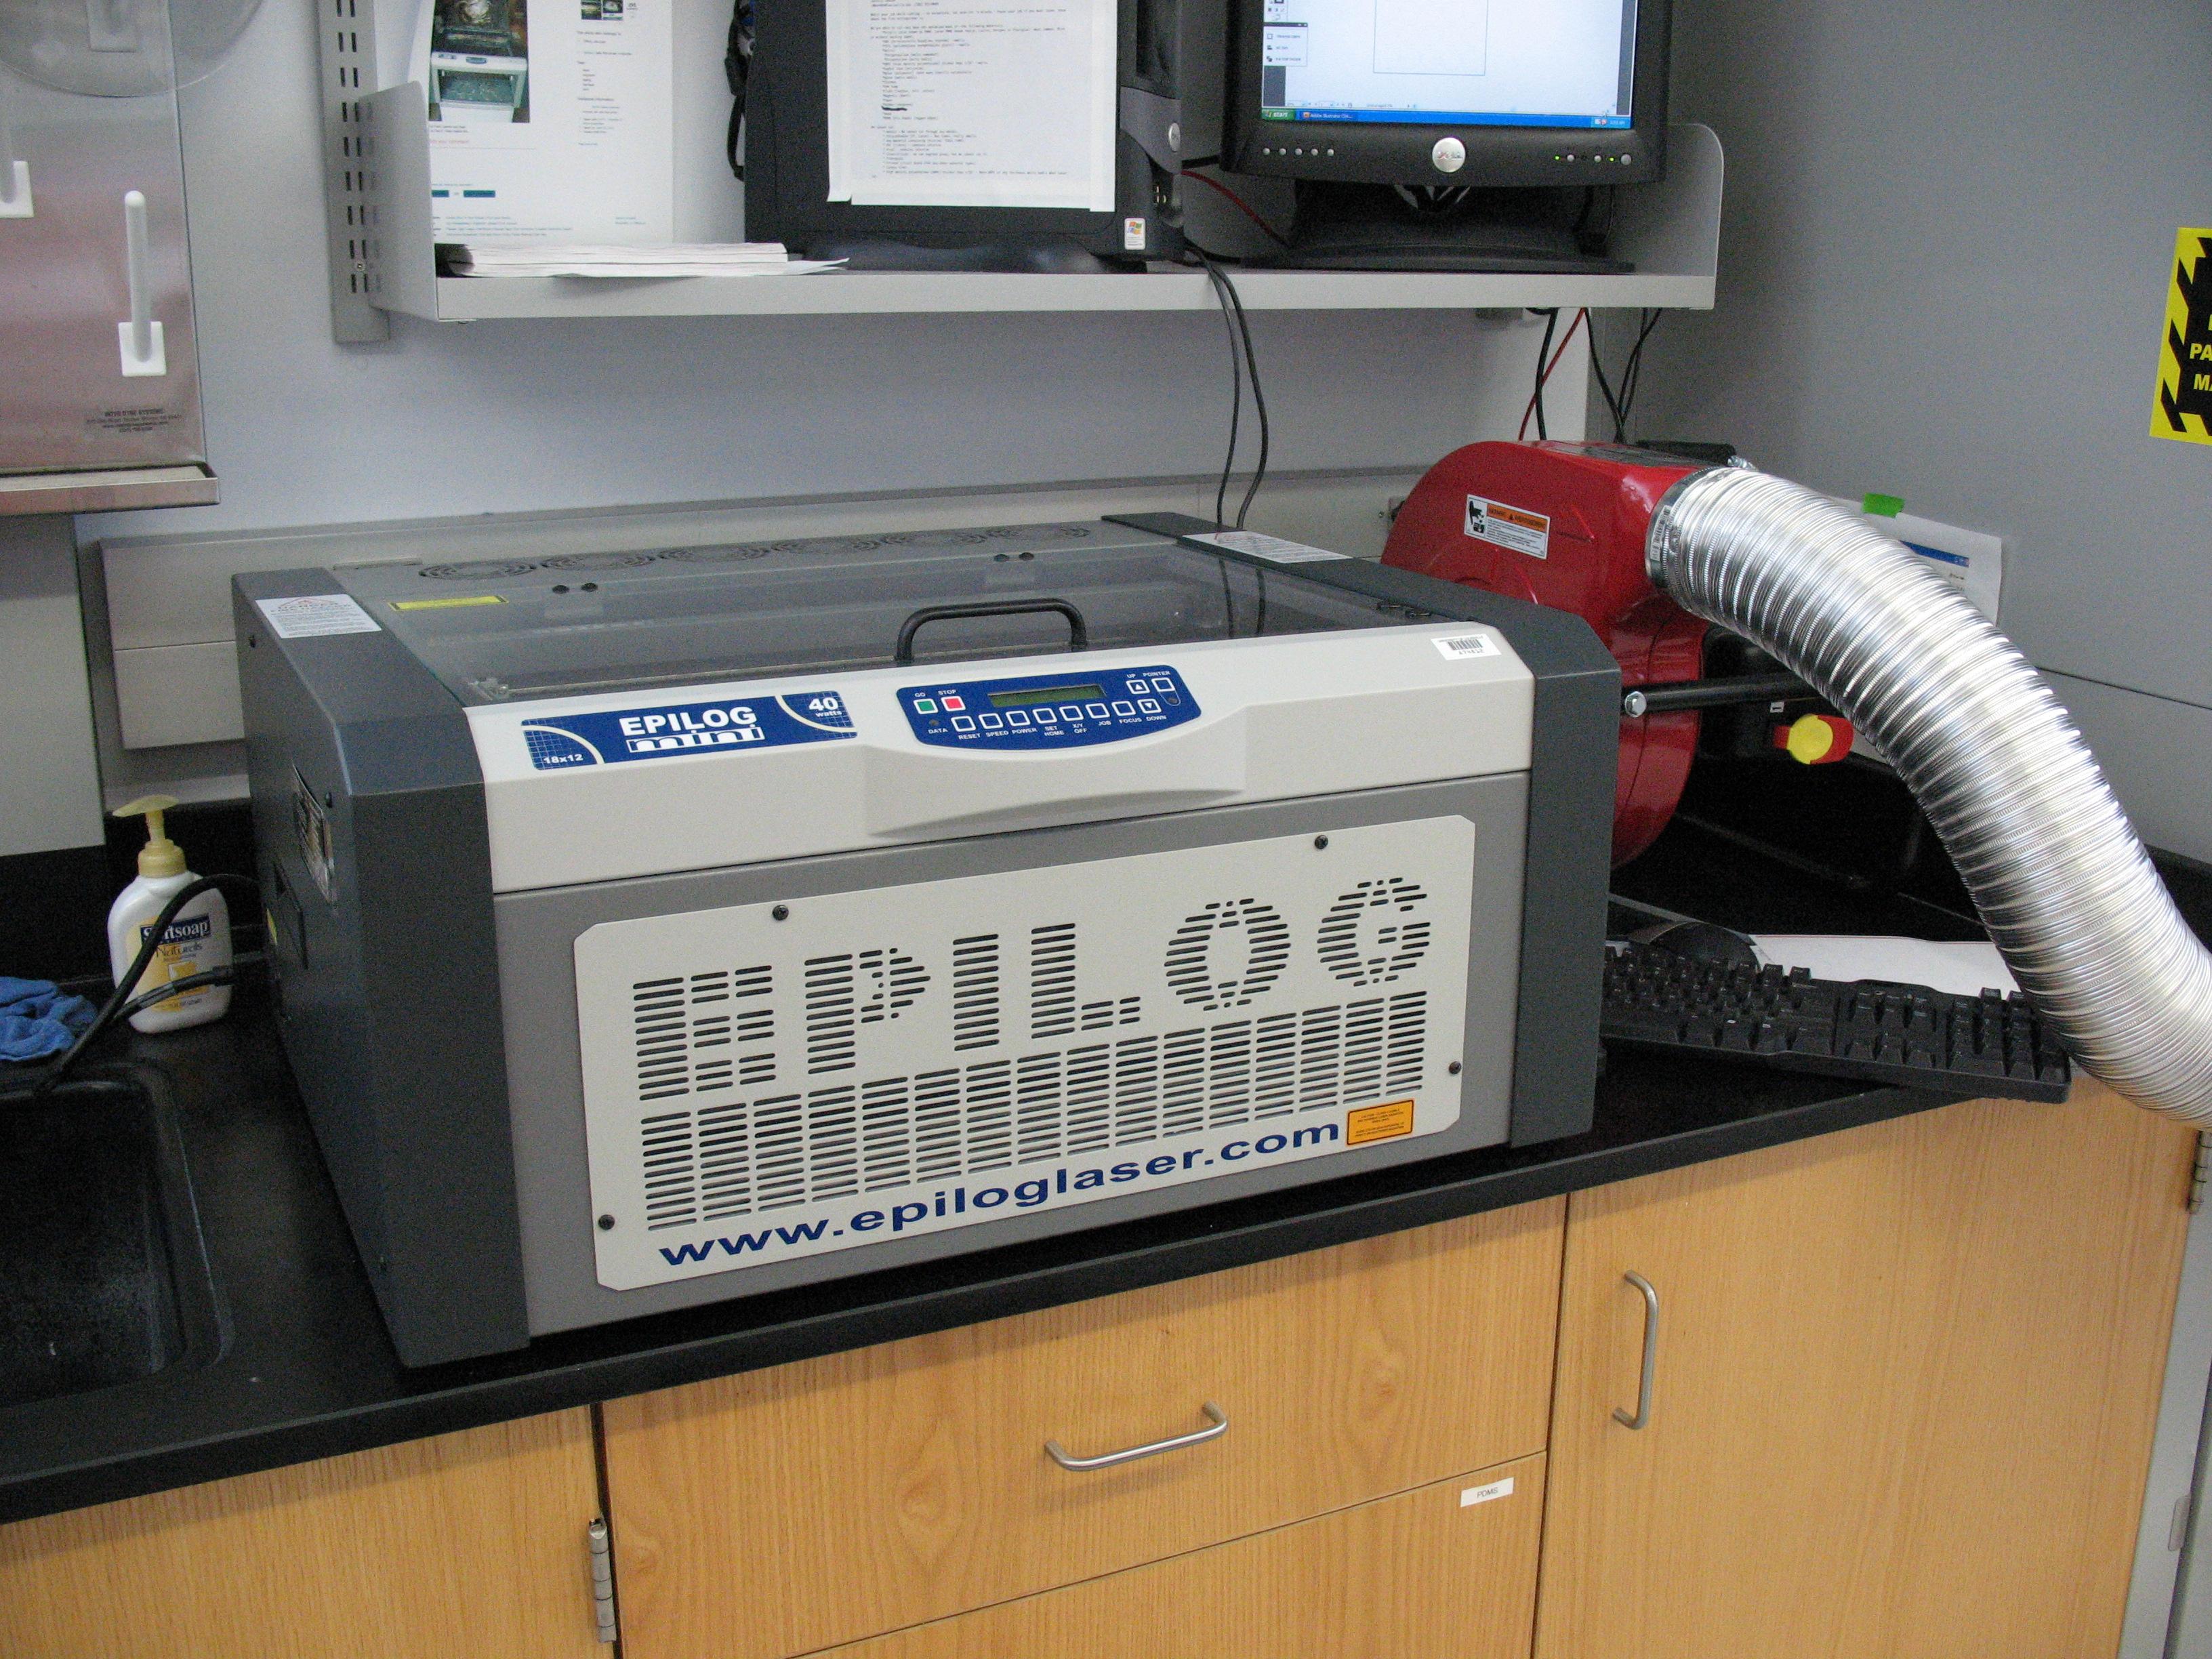 Operating the Epilog Laser Cutter: 5 Steps